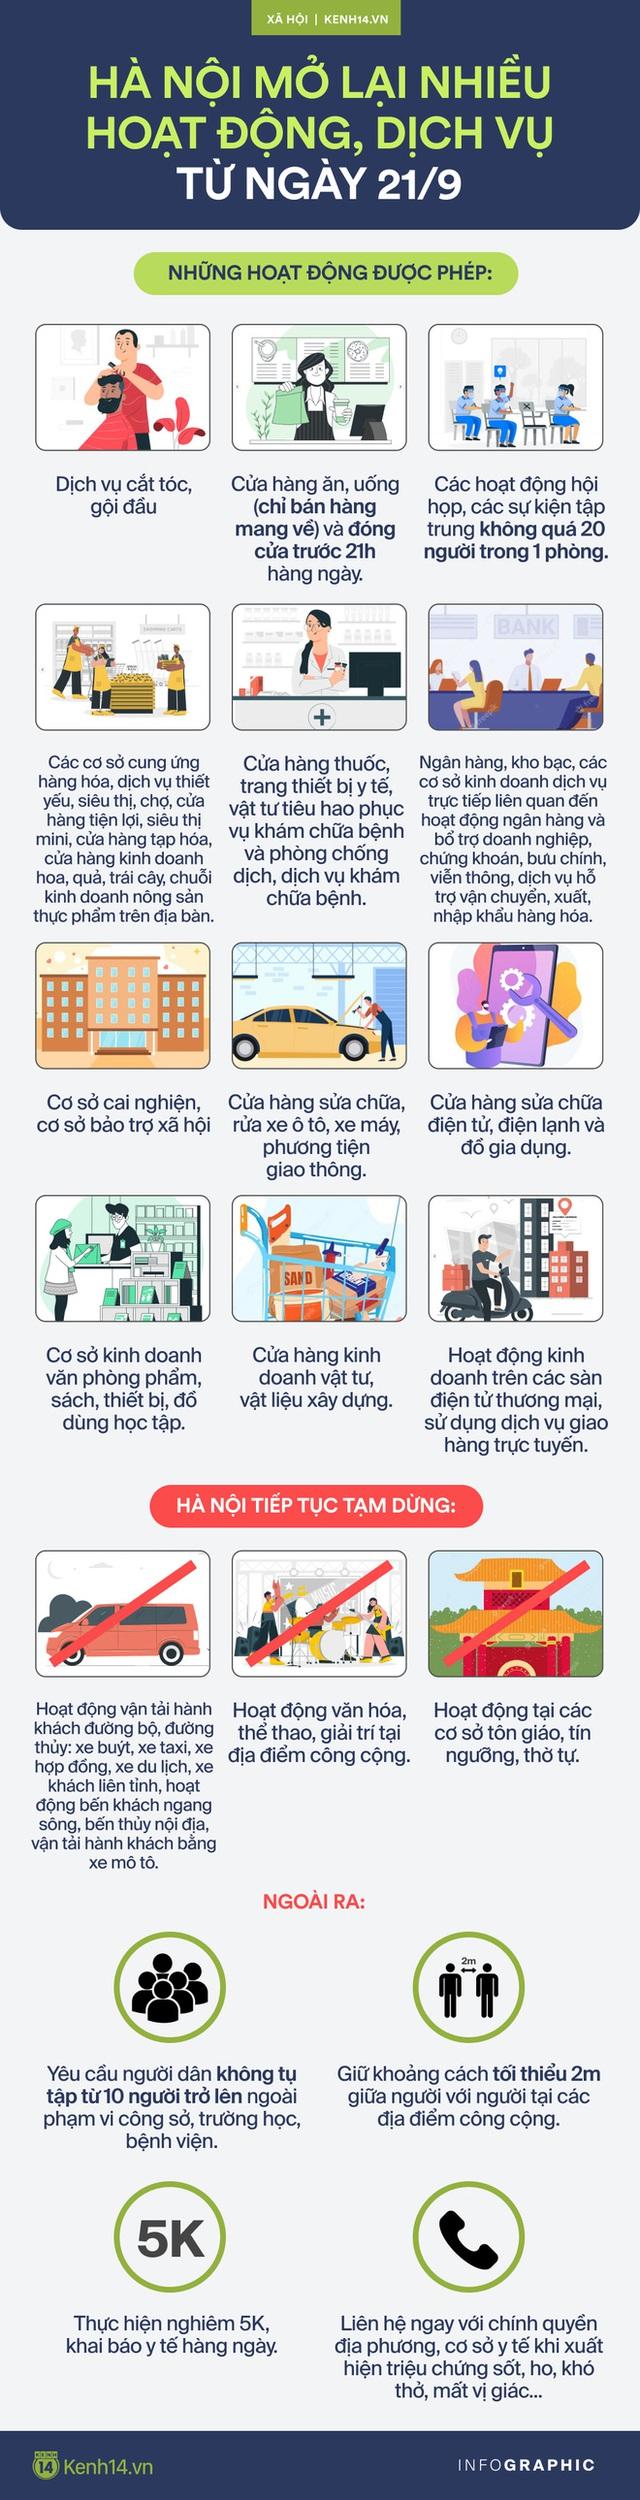 Người dân muốn ra vào Hà Nội từ 21/9 cần giấy tờ, thủ tục gì? - Ảnh 1.